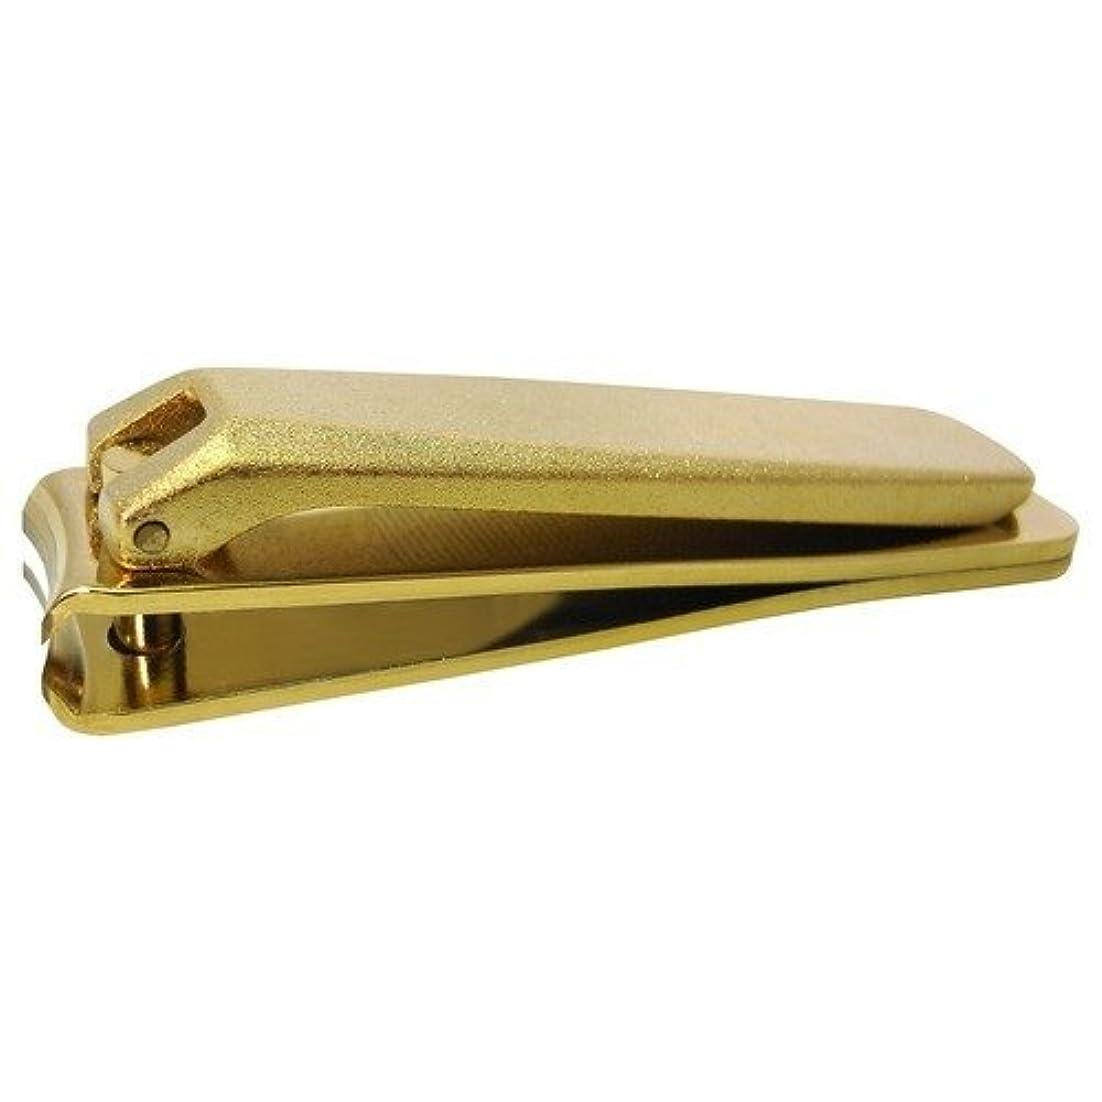 タイヤトレーダーティッシュKD-029 関の刃物 ゴールド爪切 大 カバー無